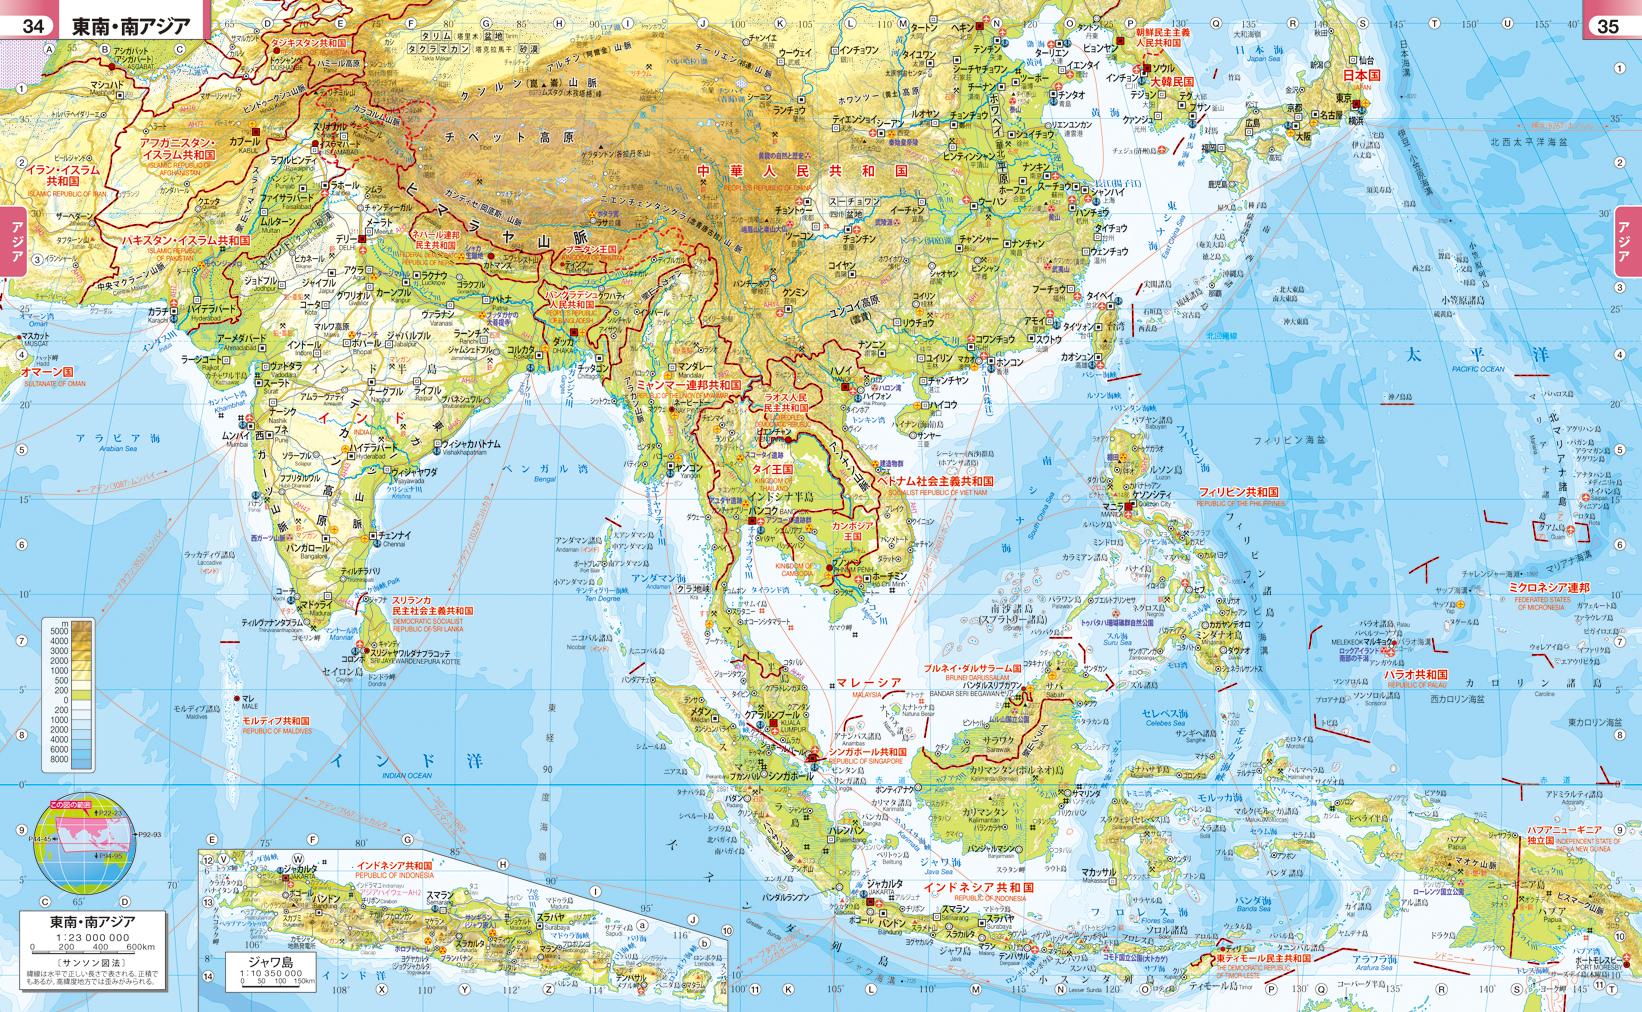 見本1 東南アジア・南アジア